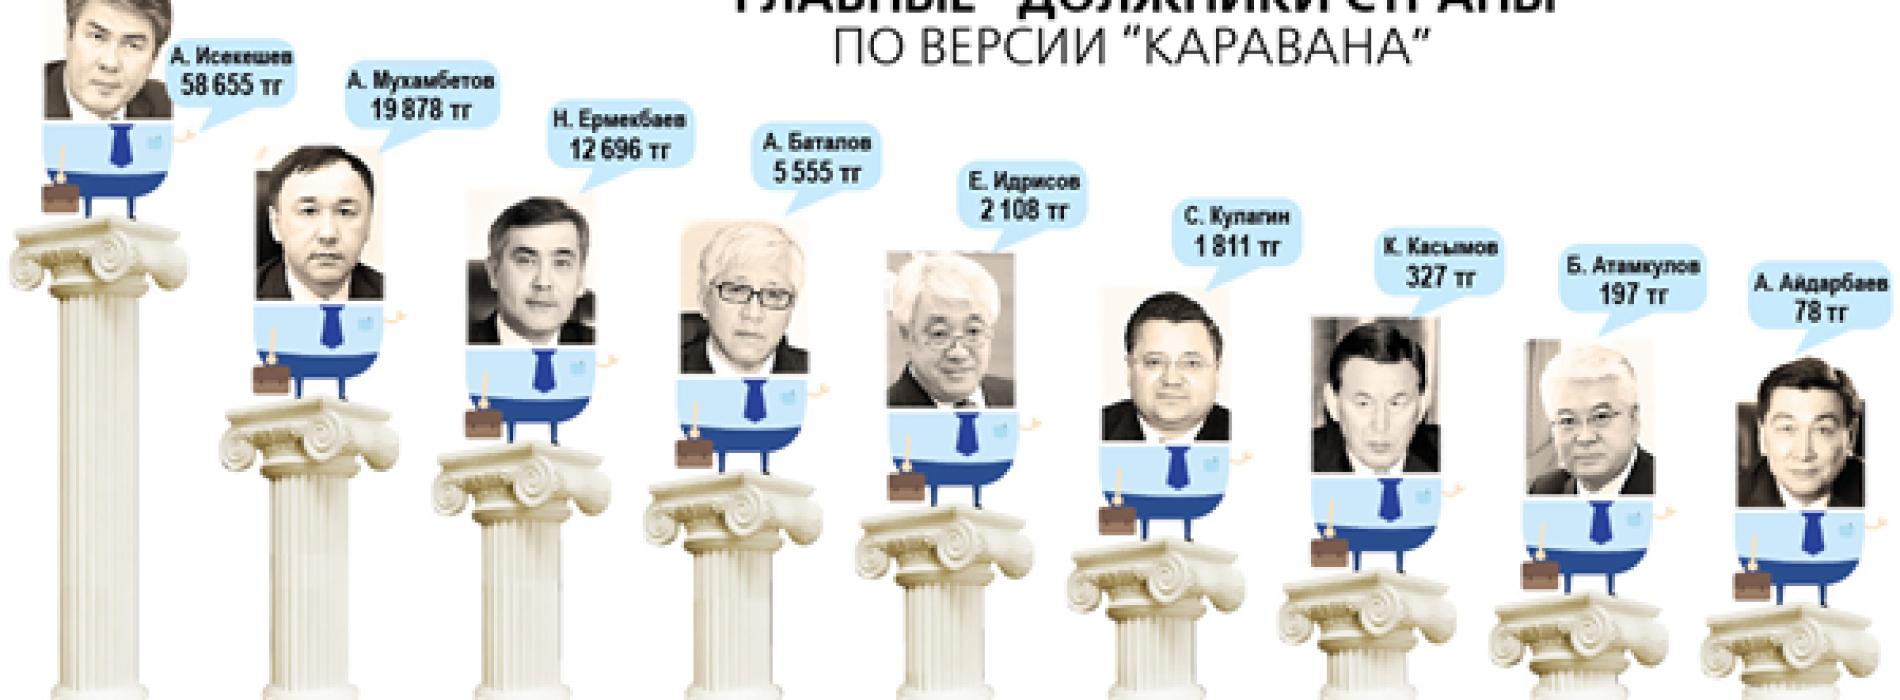 Сколько задолжали налоговой казахстанские министры и акимы